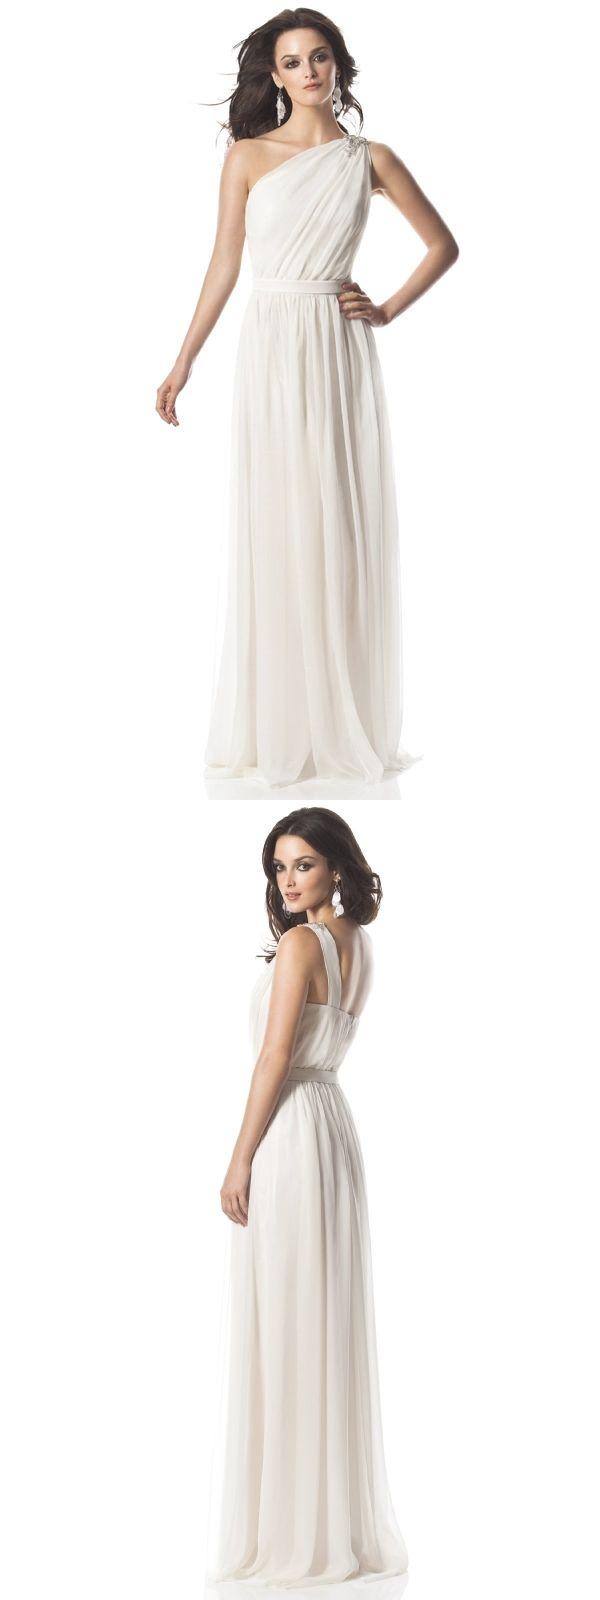 abendkleider online,abendkleider lang günstig,elegante kleider